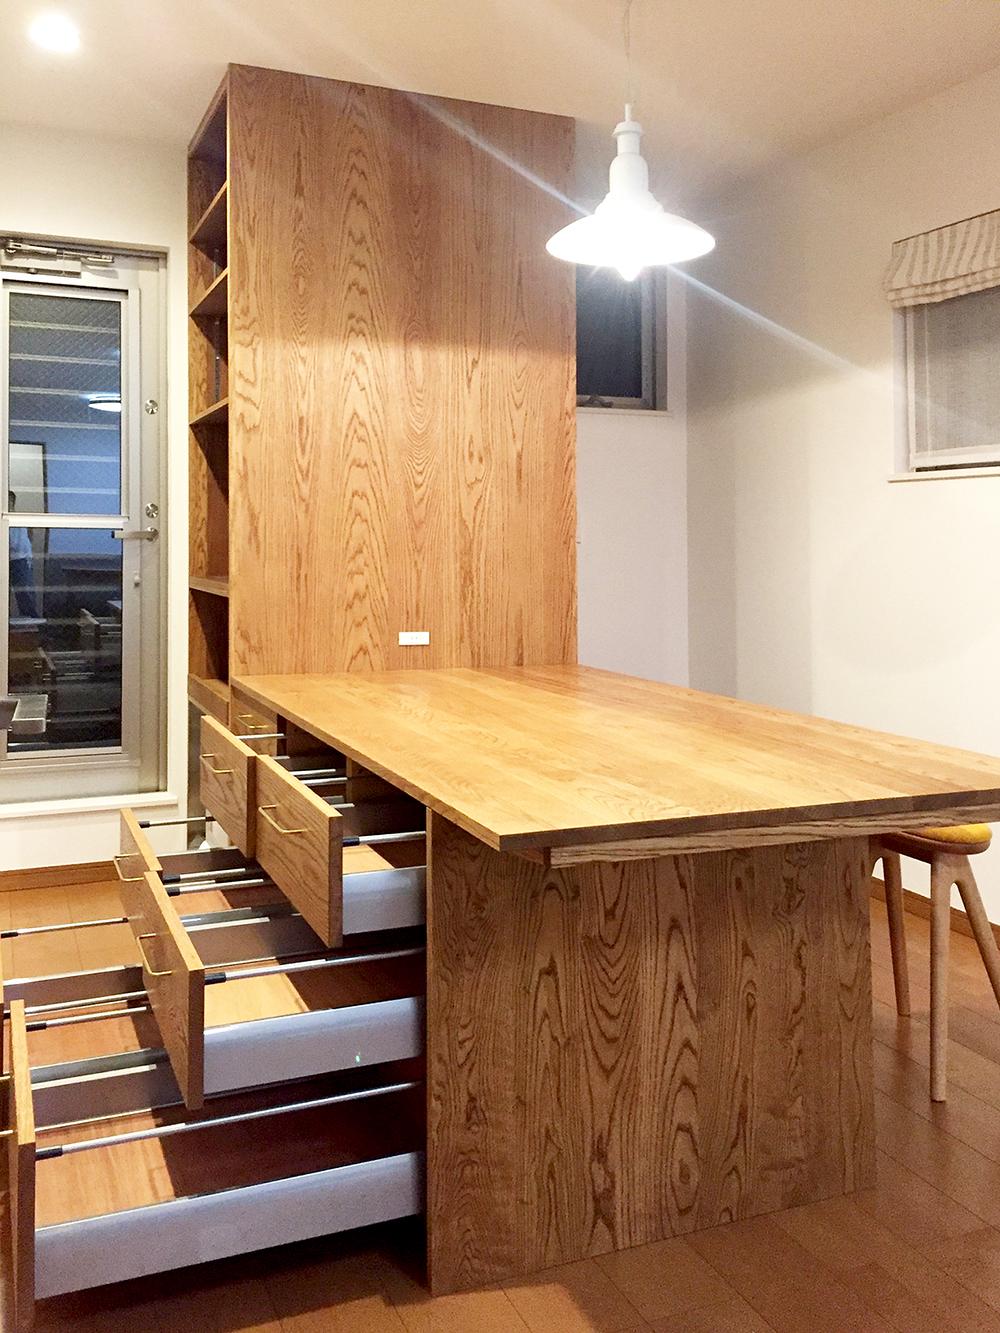 オーダー家具・収納棚兼テーブル/関西・大阪・豊中市